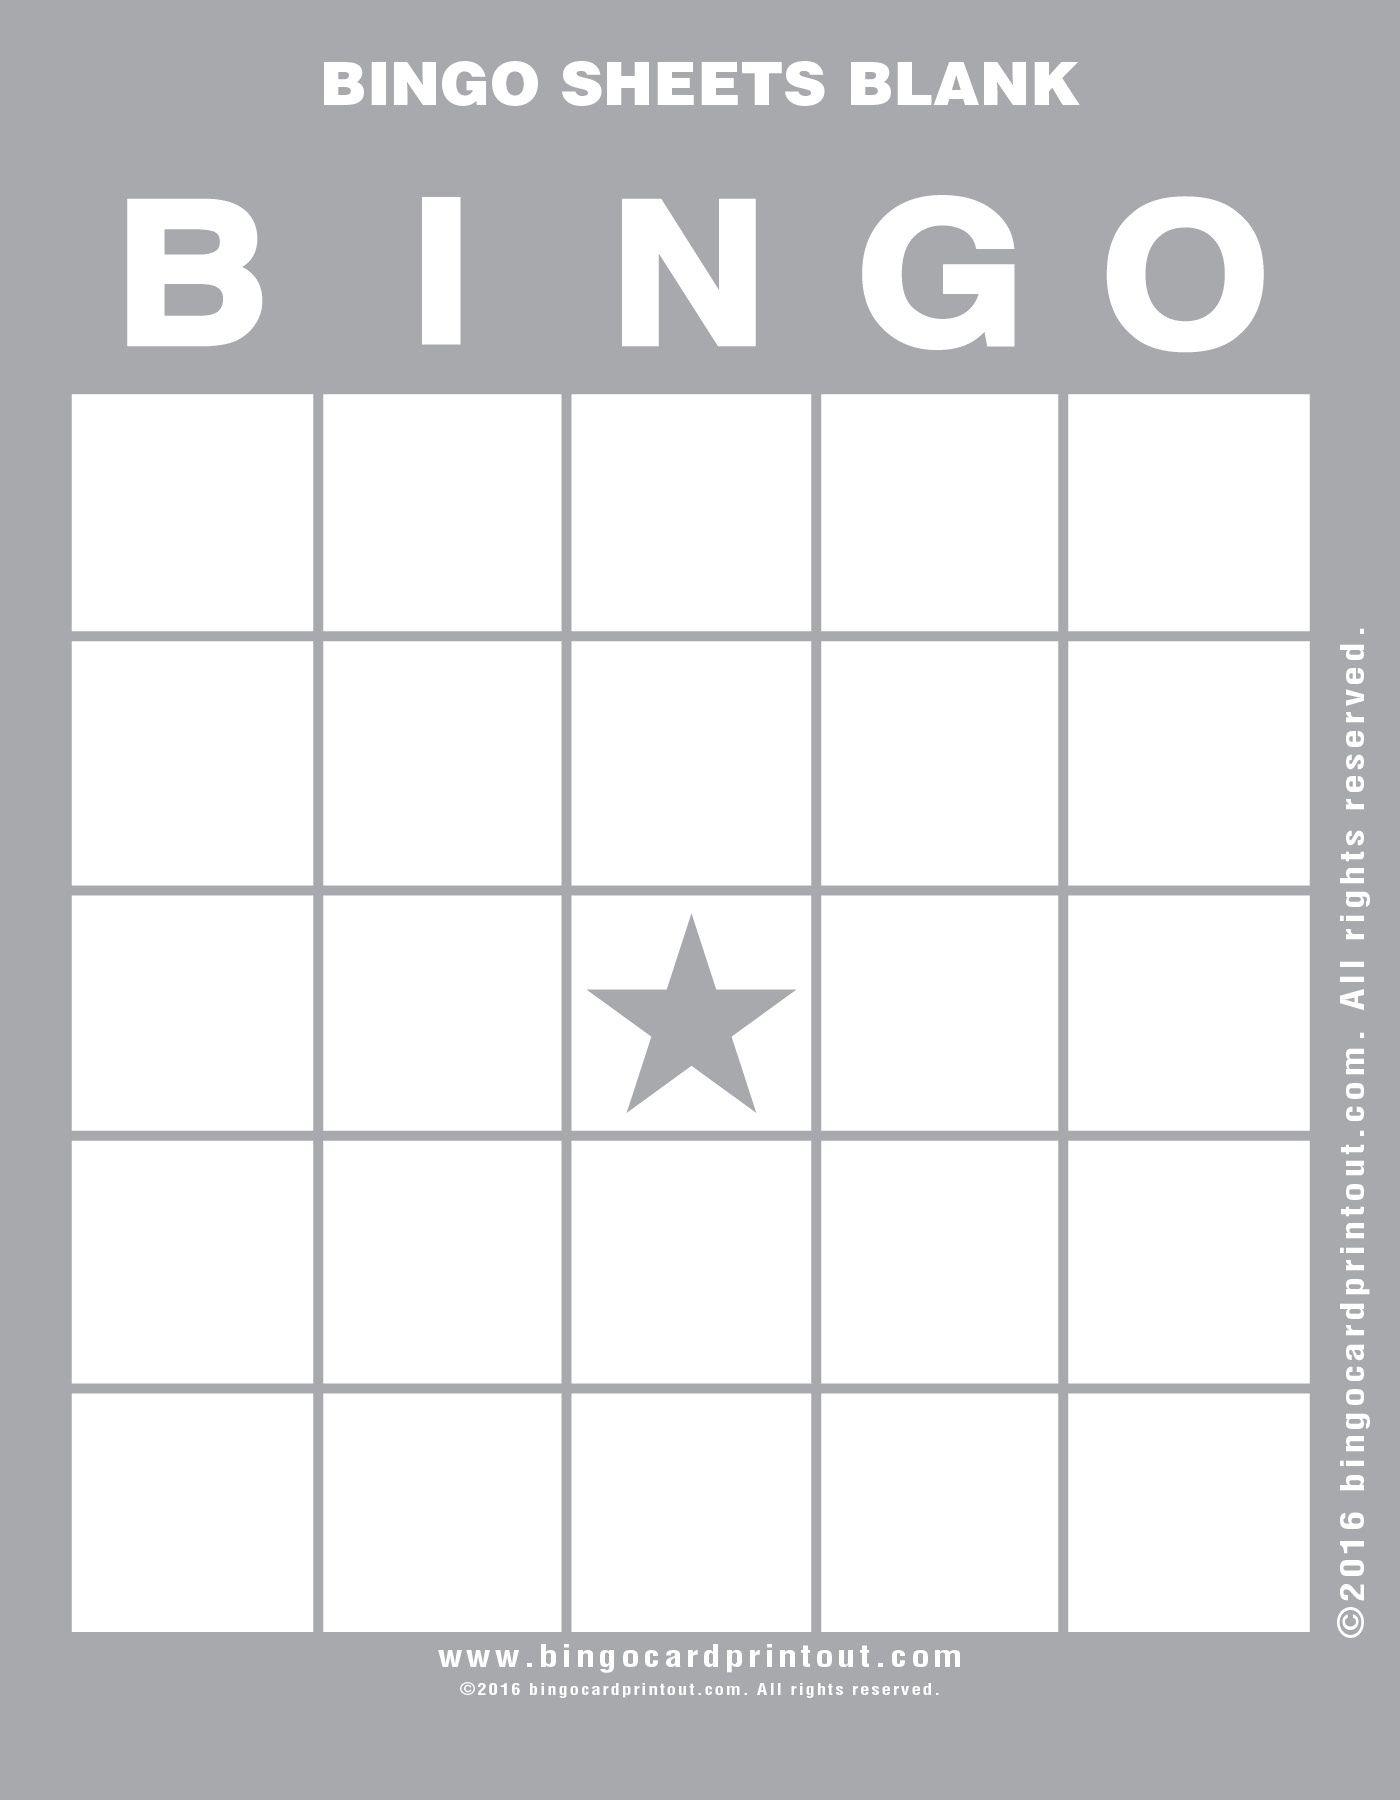 Bingo Sheets Blank | Bingo Sheets, Bingo Card Template